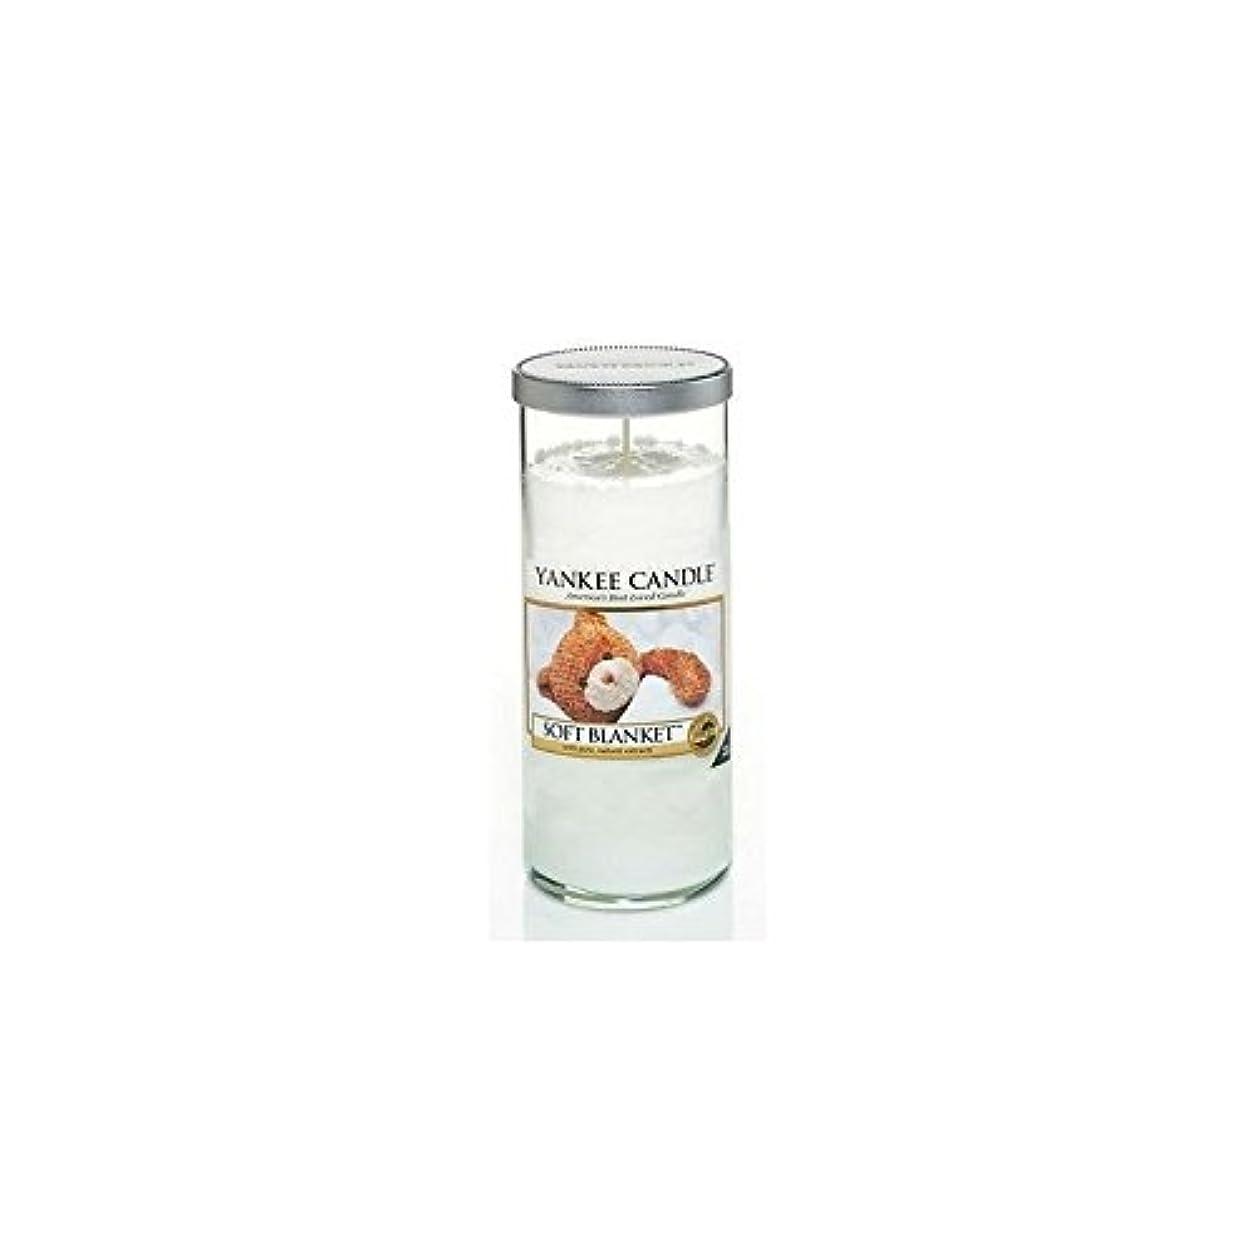 不和地平線ペンYankee Candles Large Pillar Candle - Soft Blanket (Pack of 2) - ヤンキーキャンドル大きな柱キャンドル - ソフト毛布 (x2) [並行輸入品]